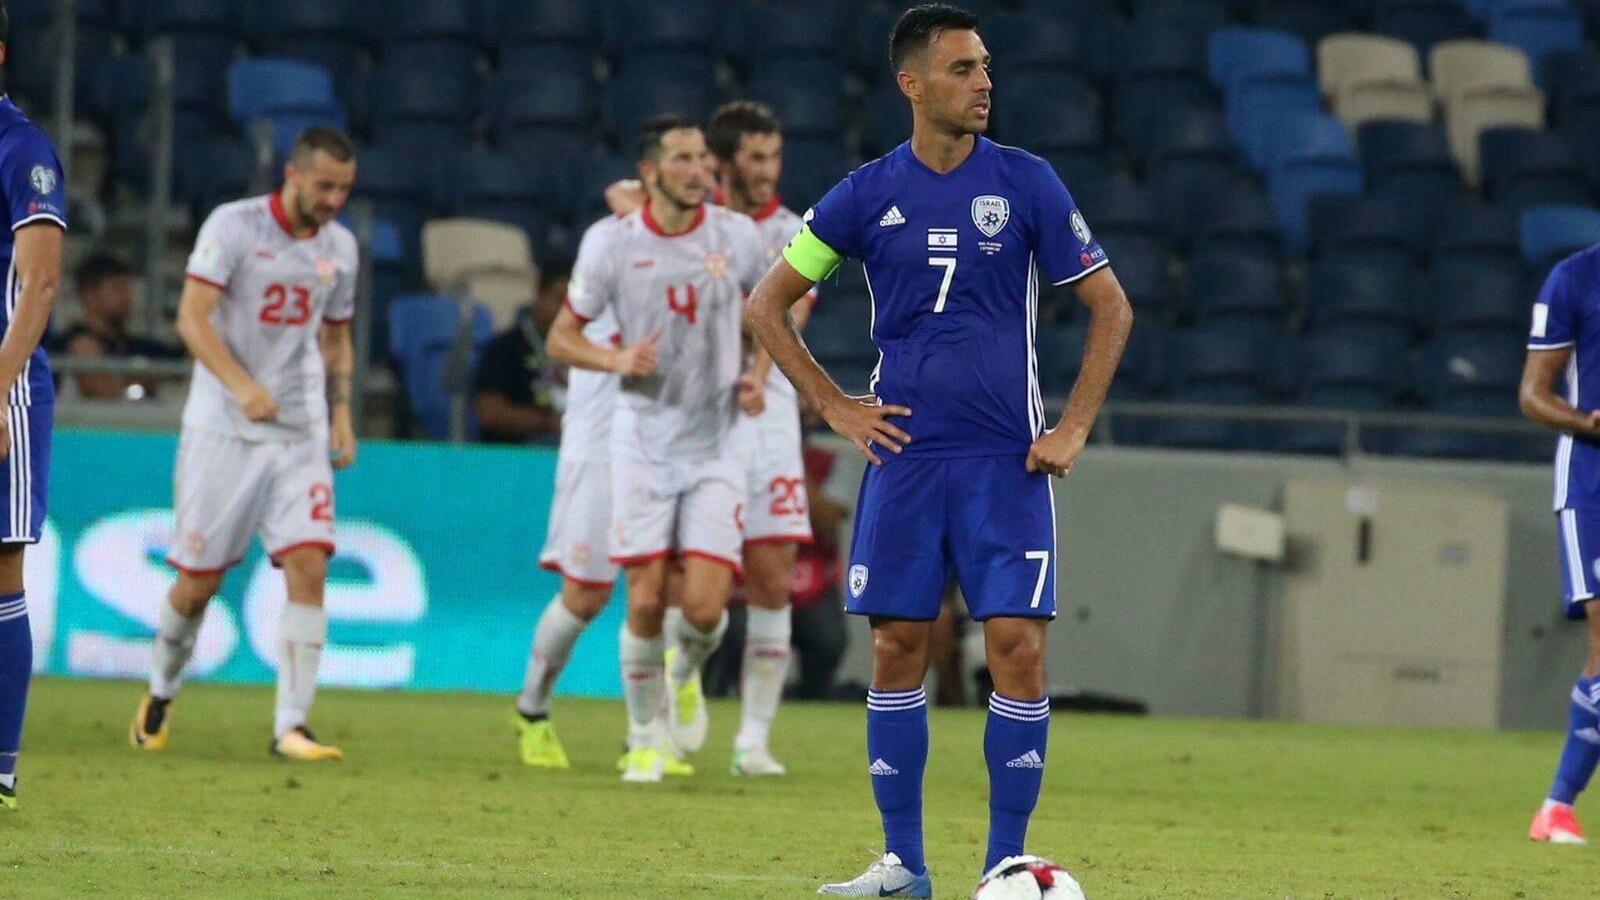 ערן זהבי חוזר לנבחרת ישראל: ״מתנצל, יוצא לדרך חדשה״